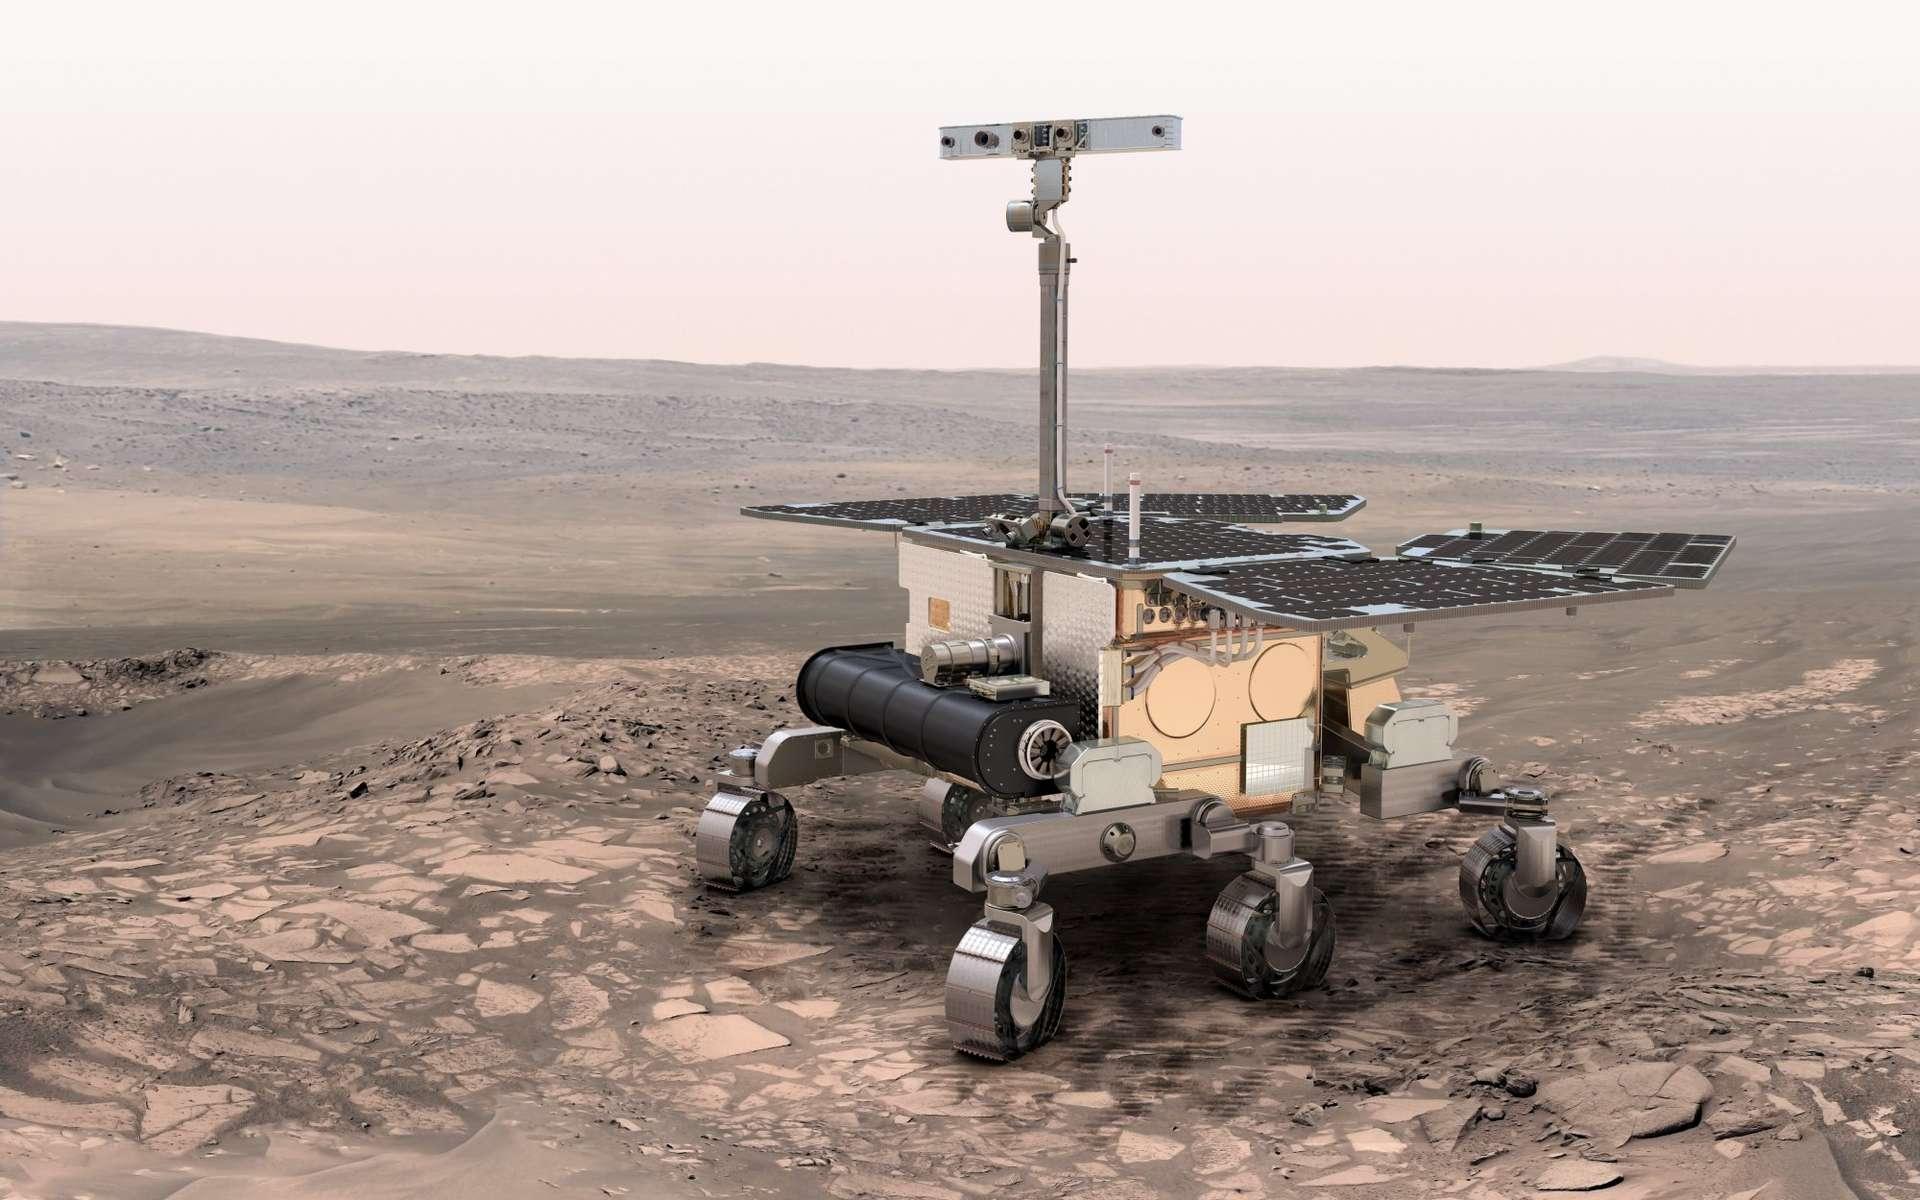 Un dessin (réalisé en 2010) de ce que pourrait être le futur rover de la mission Exomars. Une étroite collaboration internationale est nécessaire pour ce genre de mission et les scientifiques de nombreux pays travaillent ensemble durant des années. © Esa